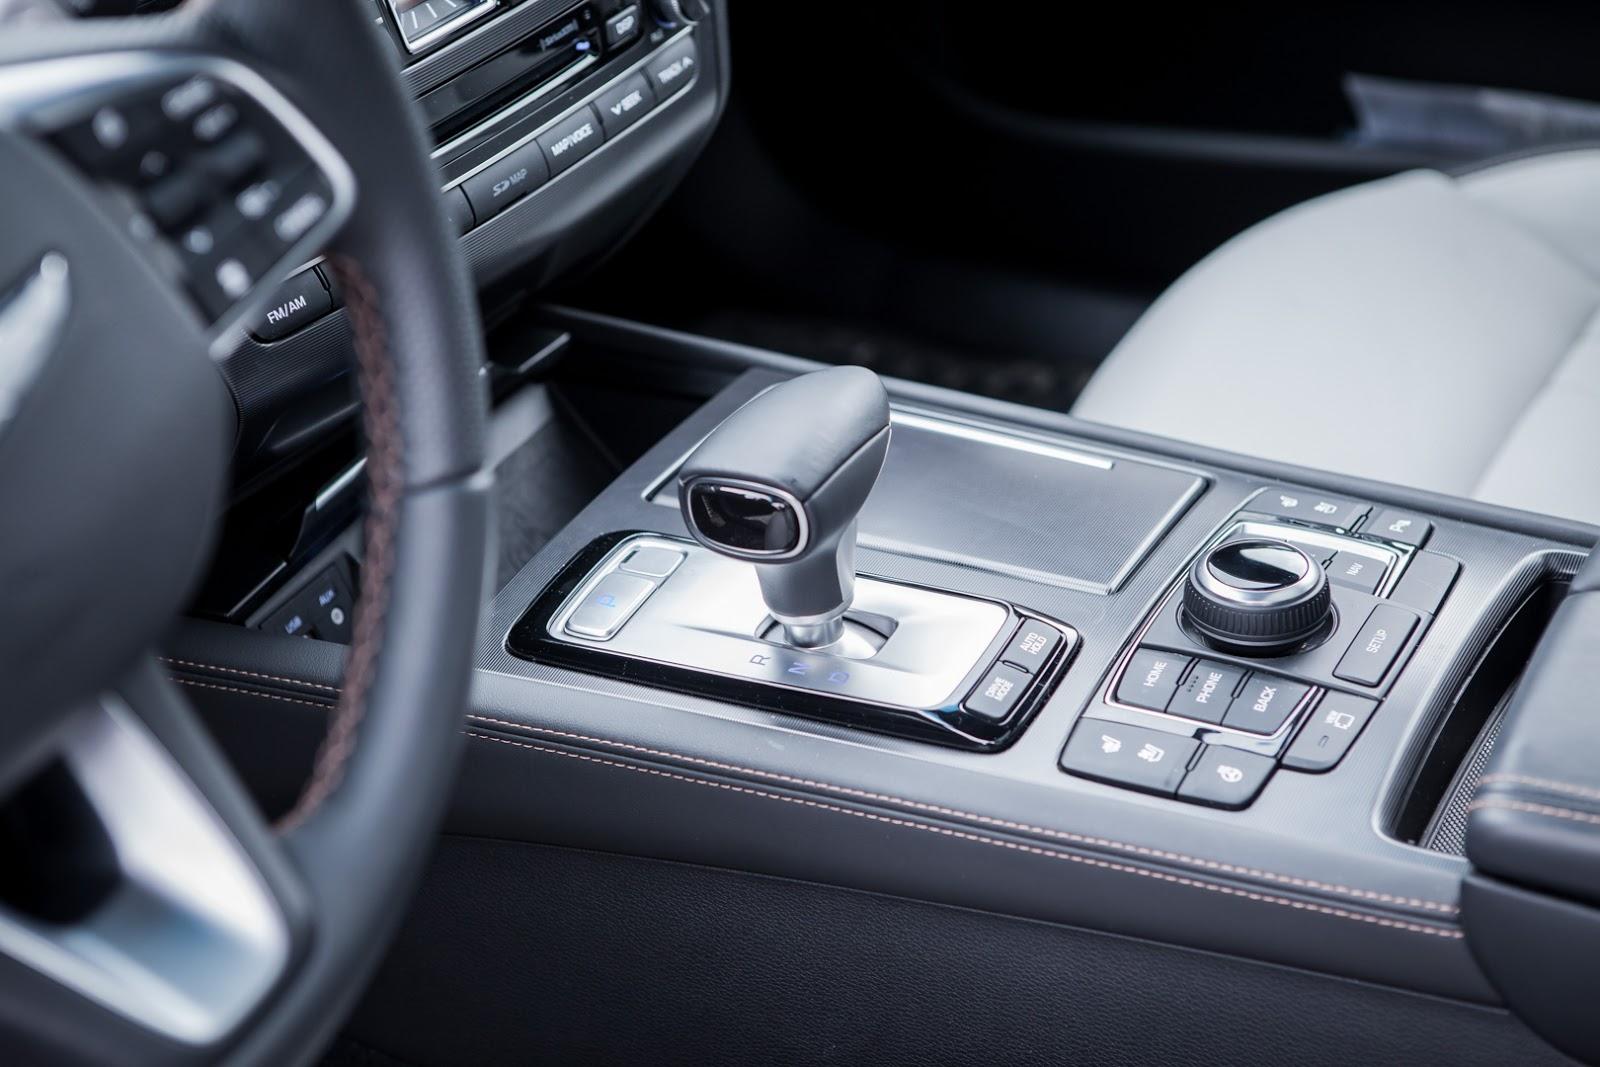 Stash spots in cars